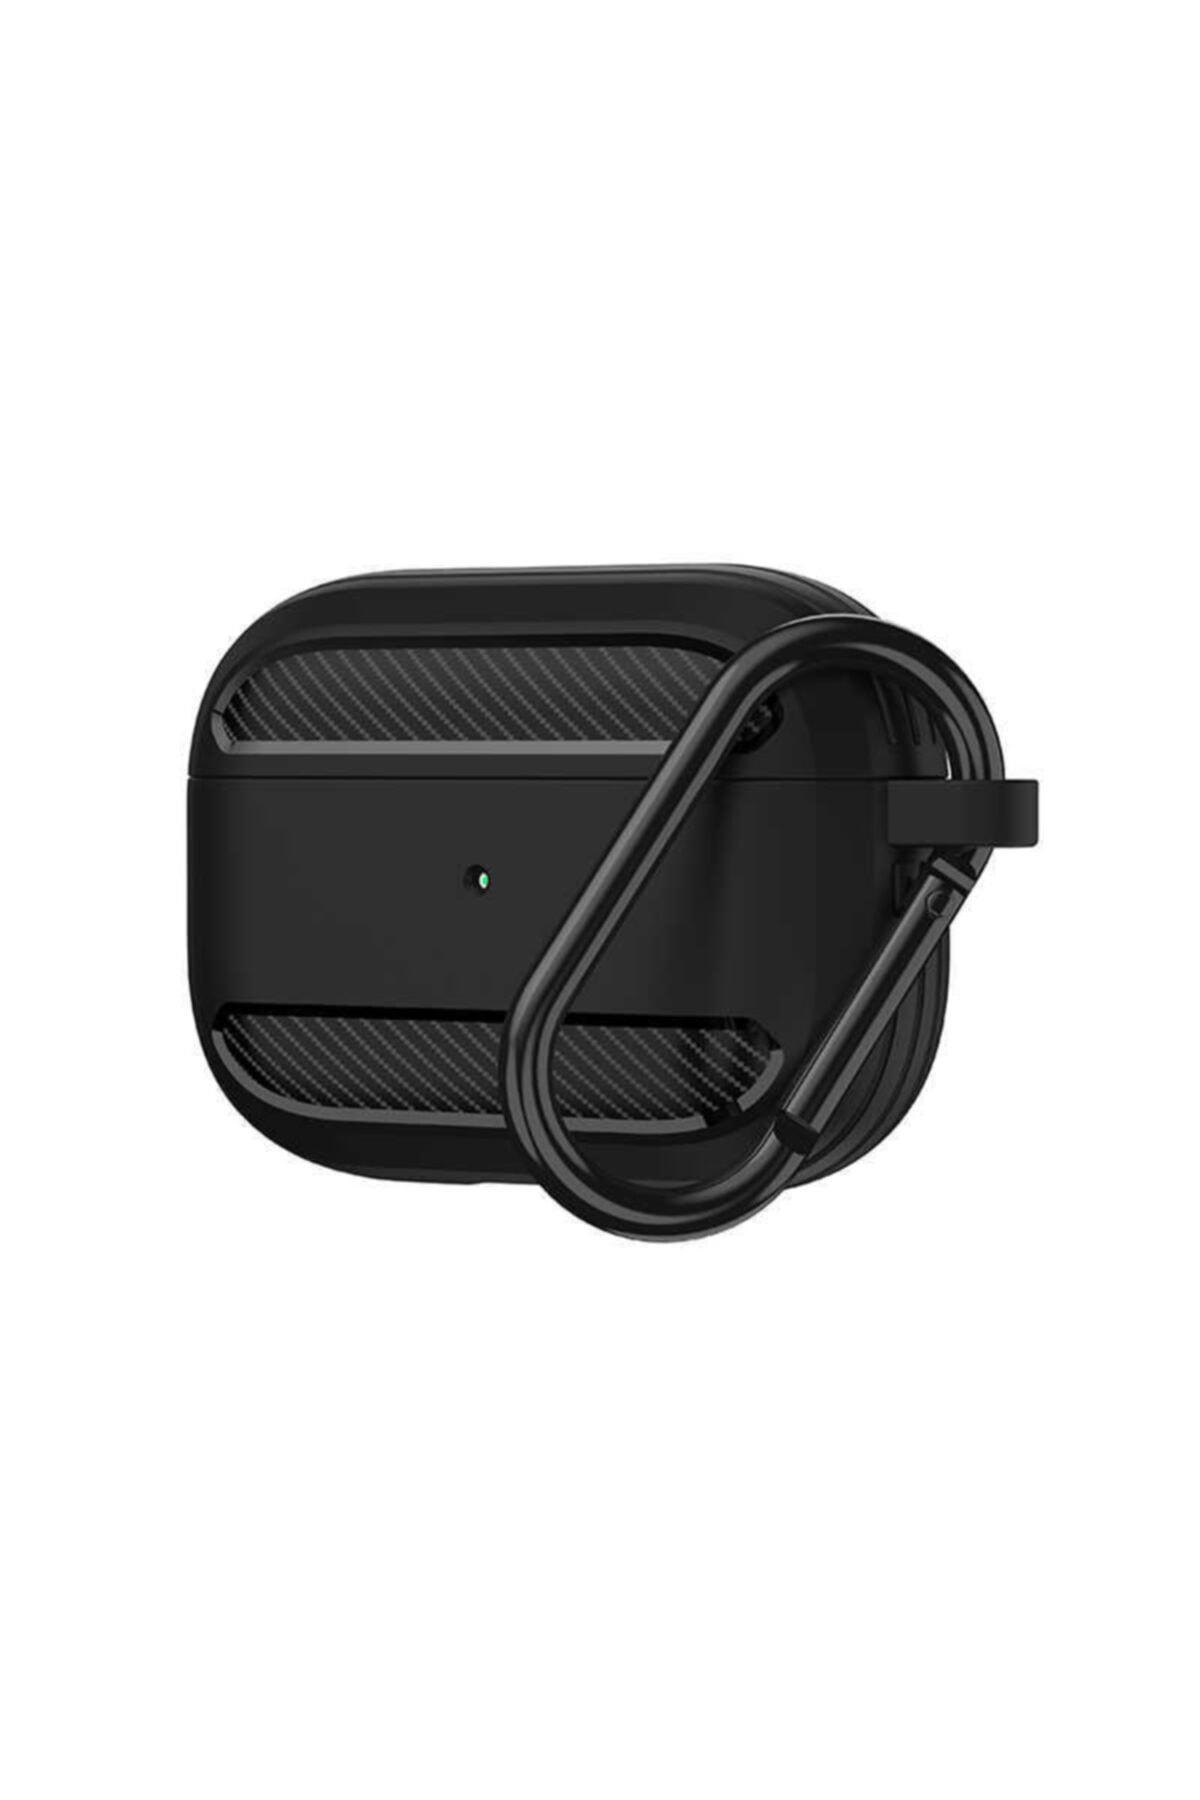 WIWU Apple Airpods Pro Kılıfı Karbon Tasarımlı Tpu Wireless Şarj Destekli Askılı Aparatlı Kılıf 1